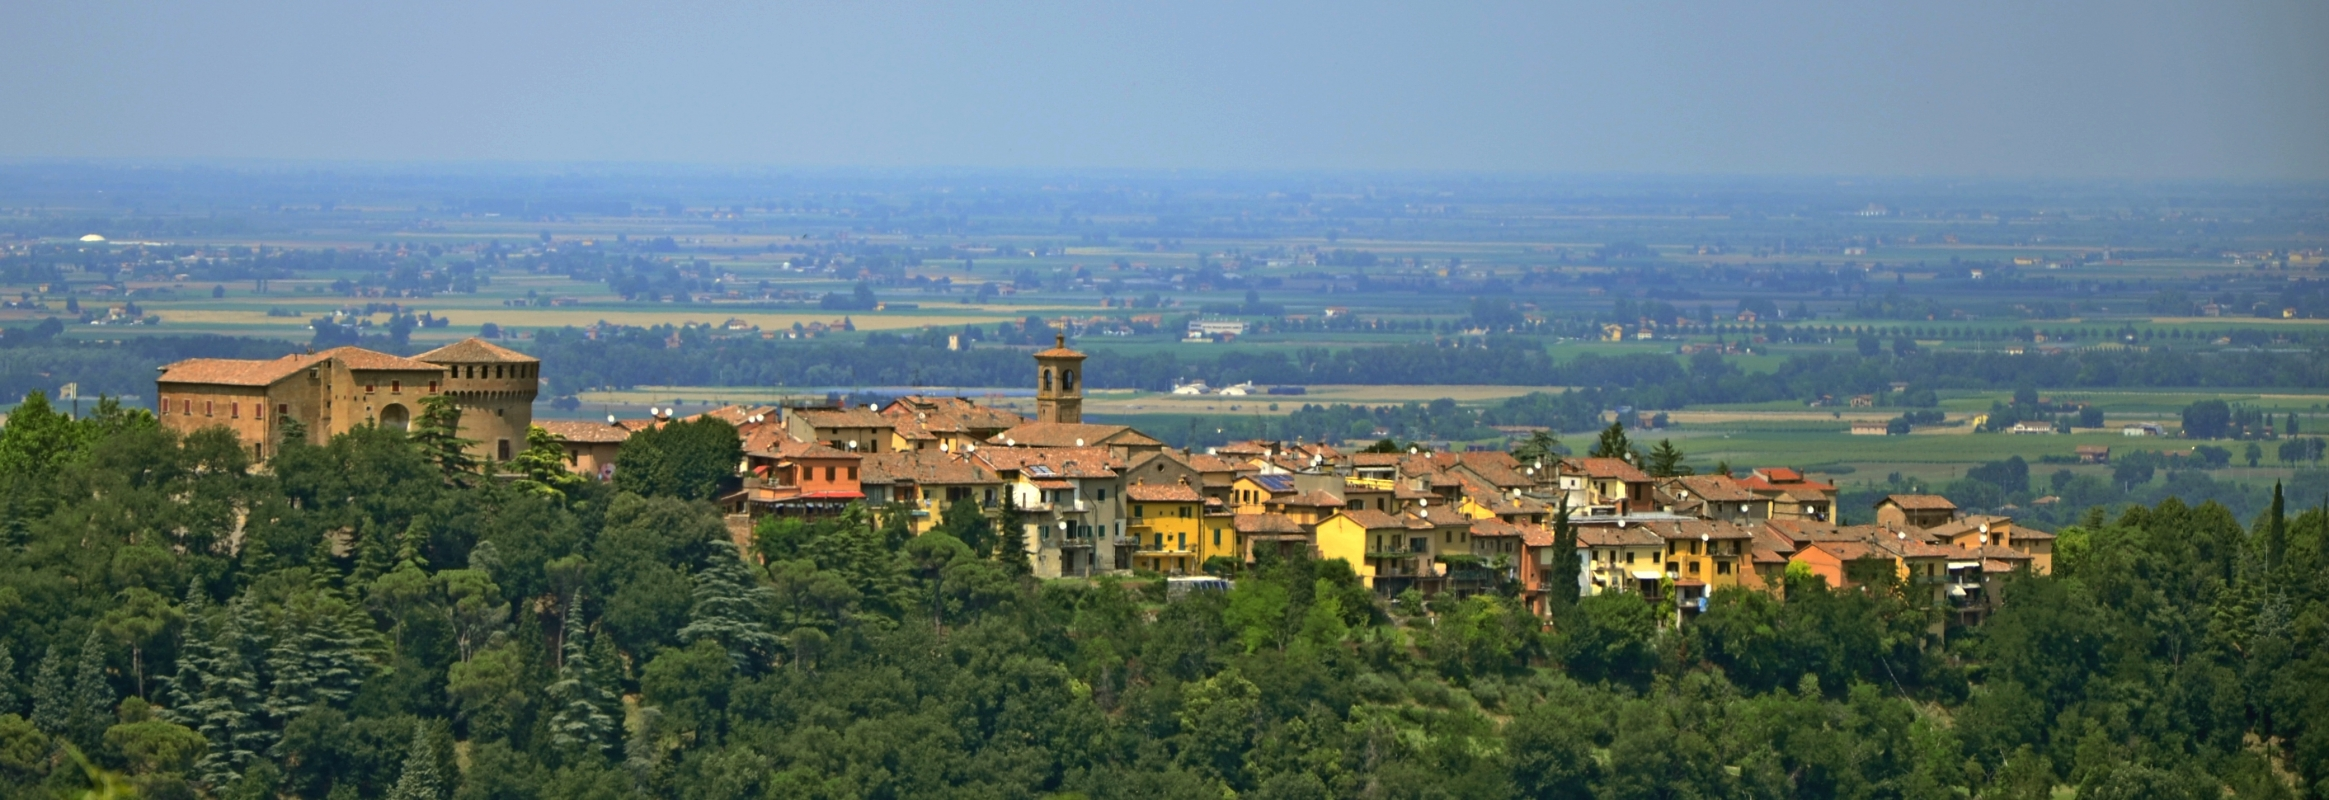 Dozza, village of murals and fine wines